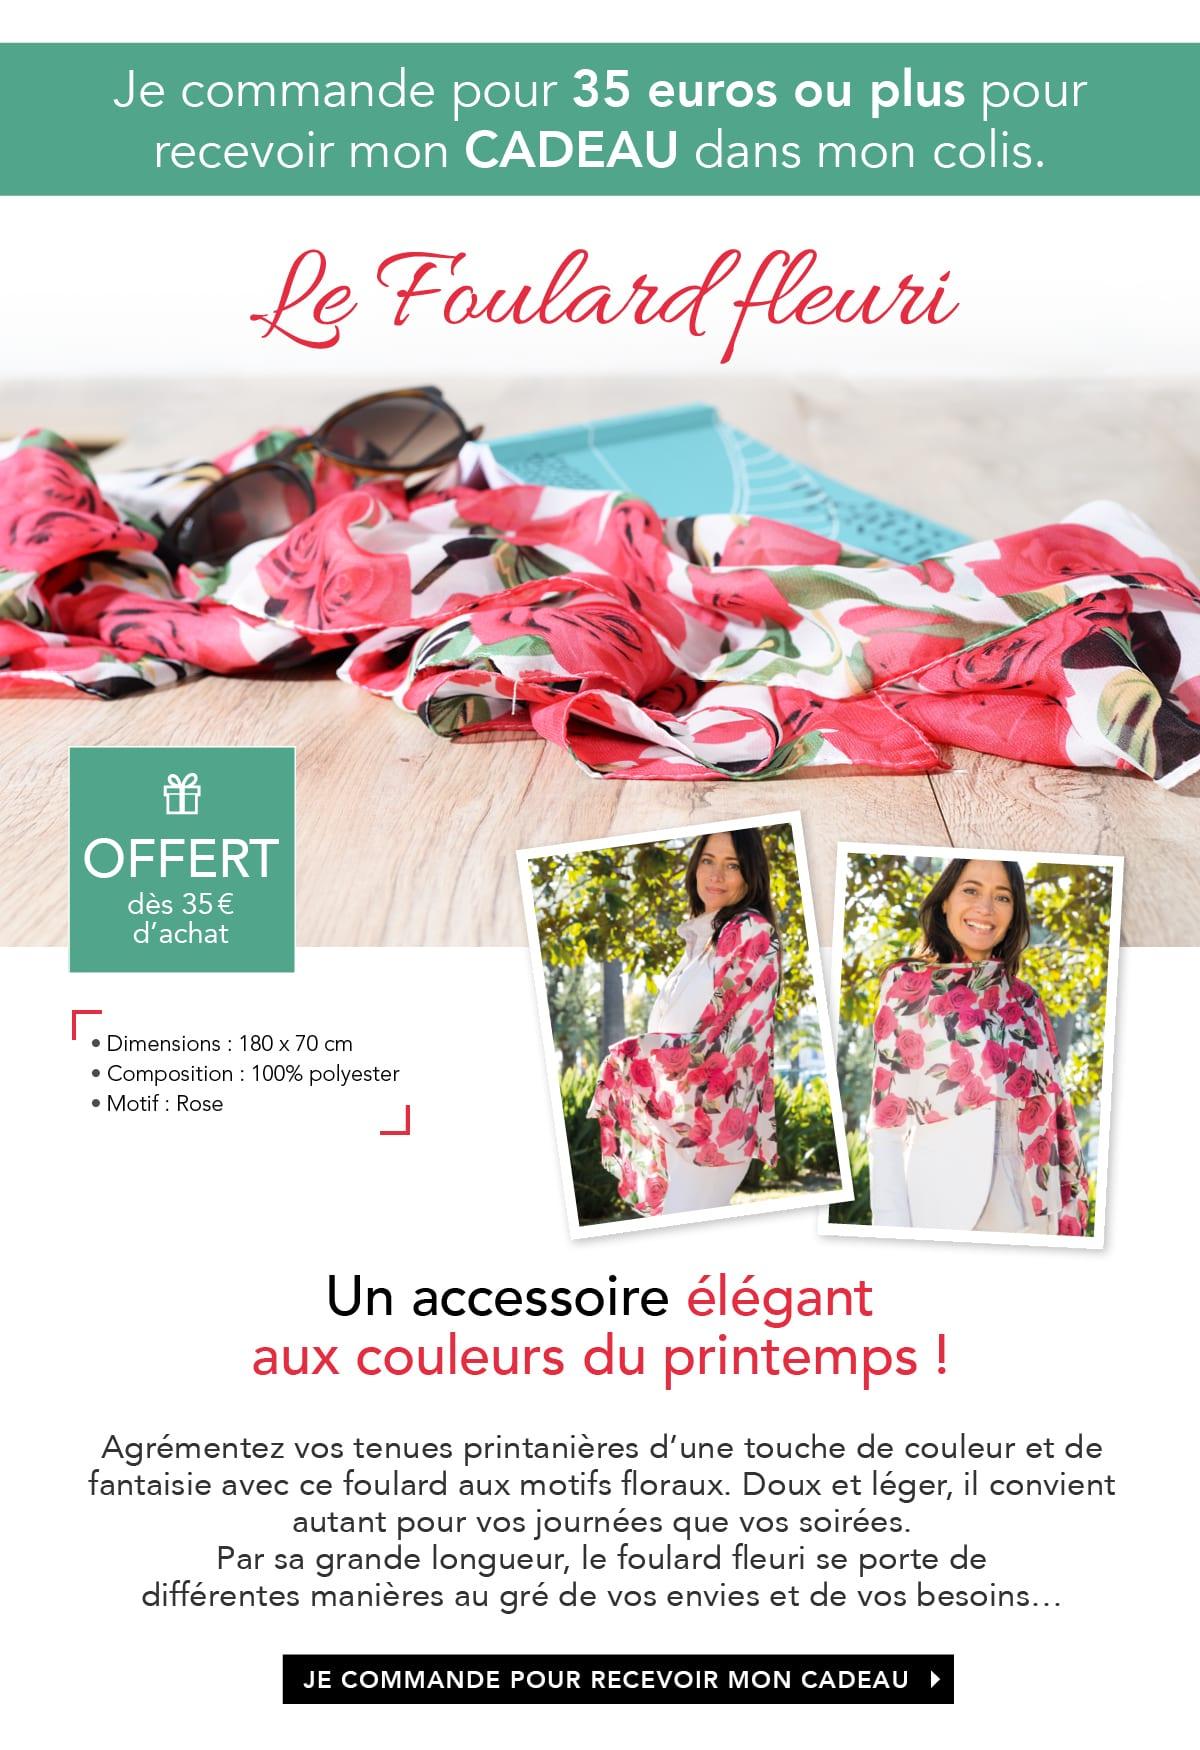 Votre Cadeau : le foulard fleuri